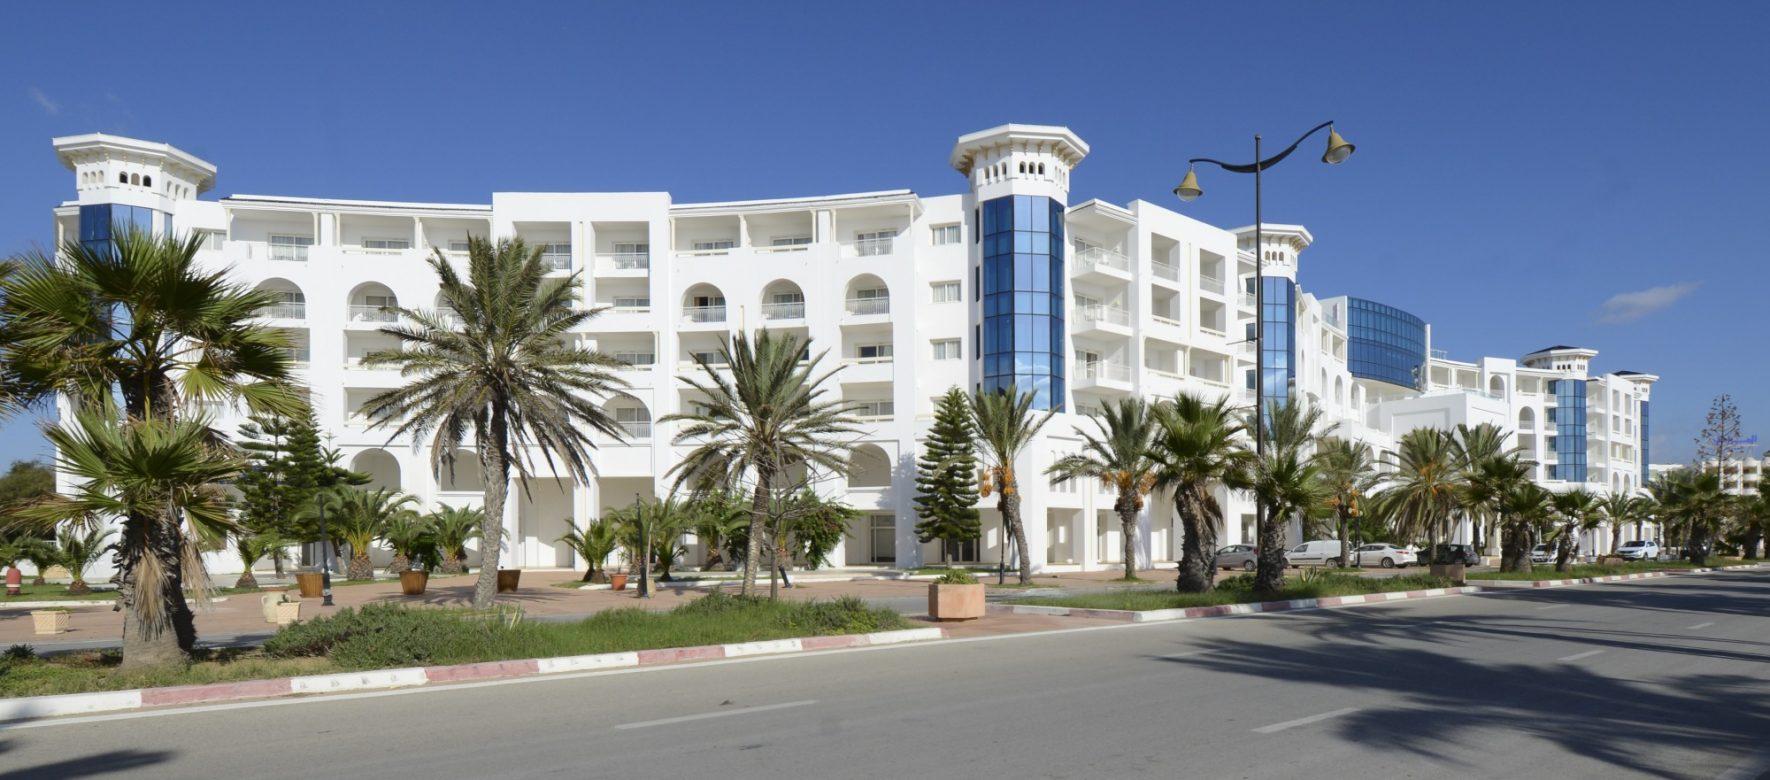 La Tunisie va accueillir son 1er EHPAD pour des clients francophones